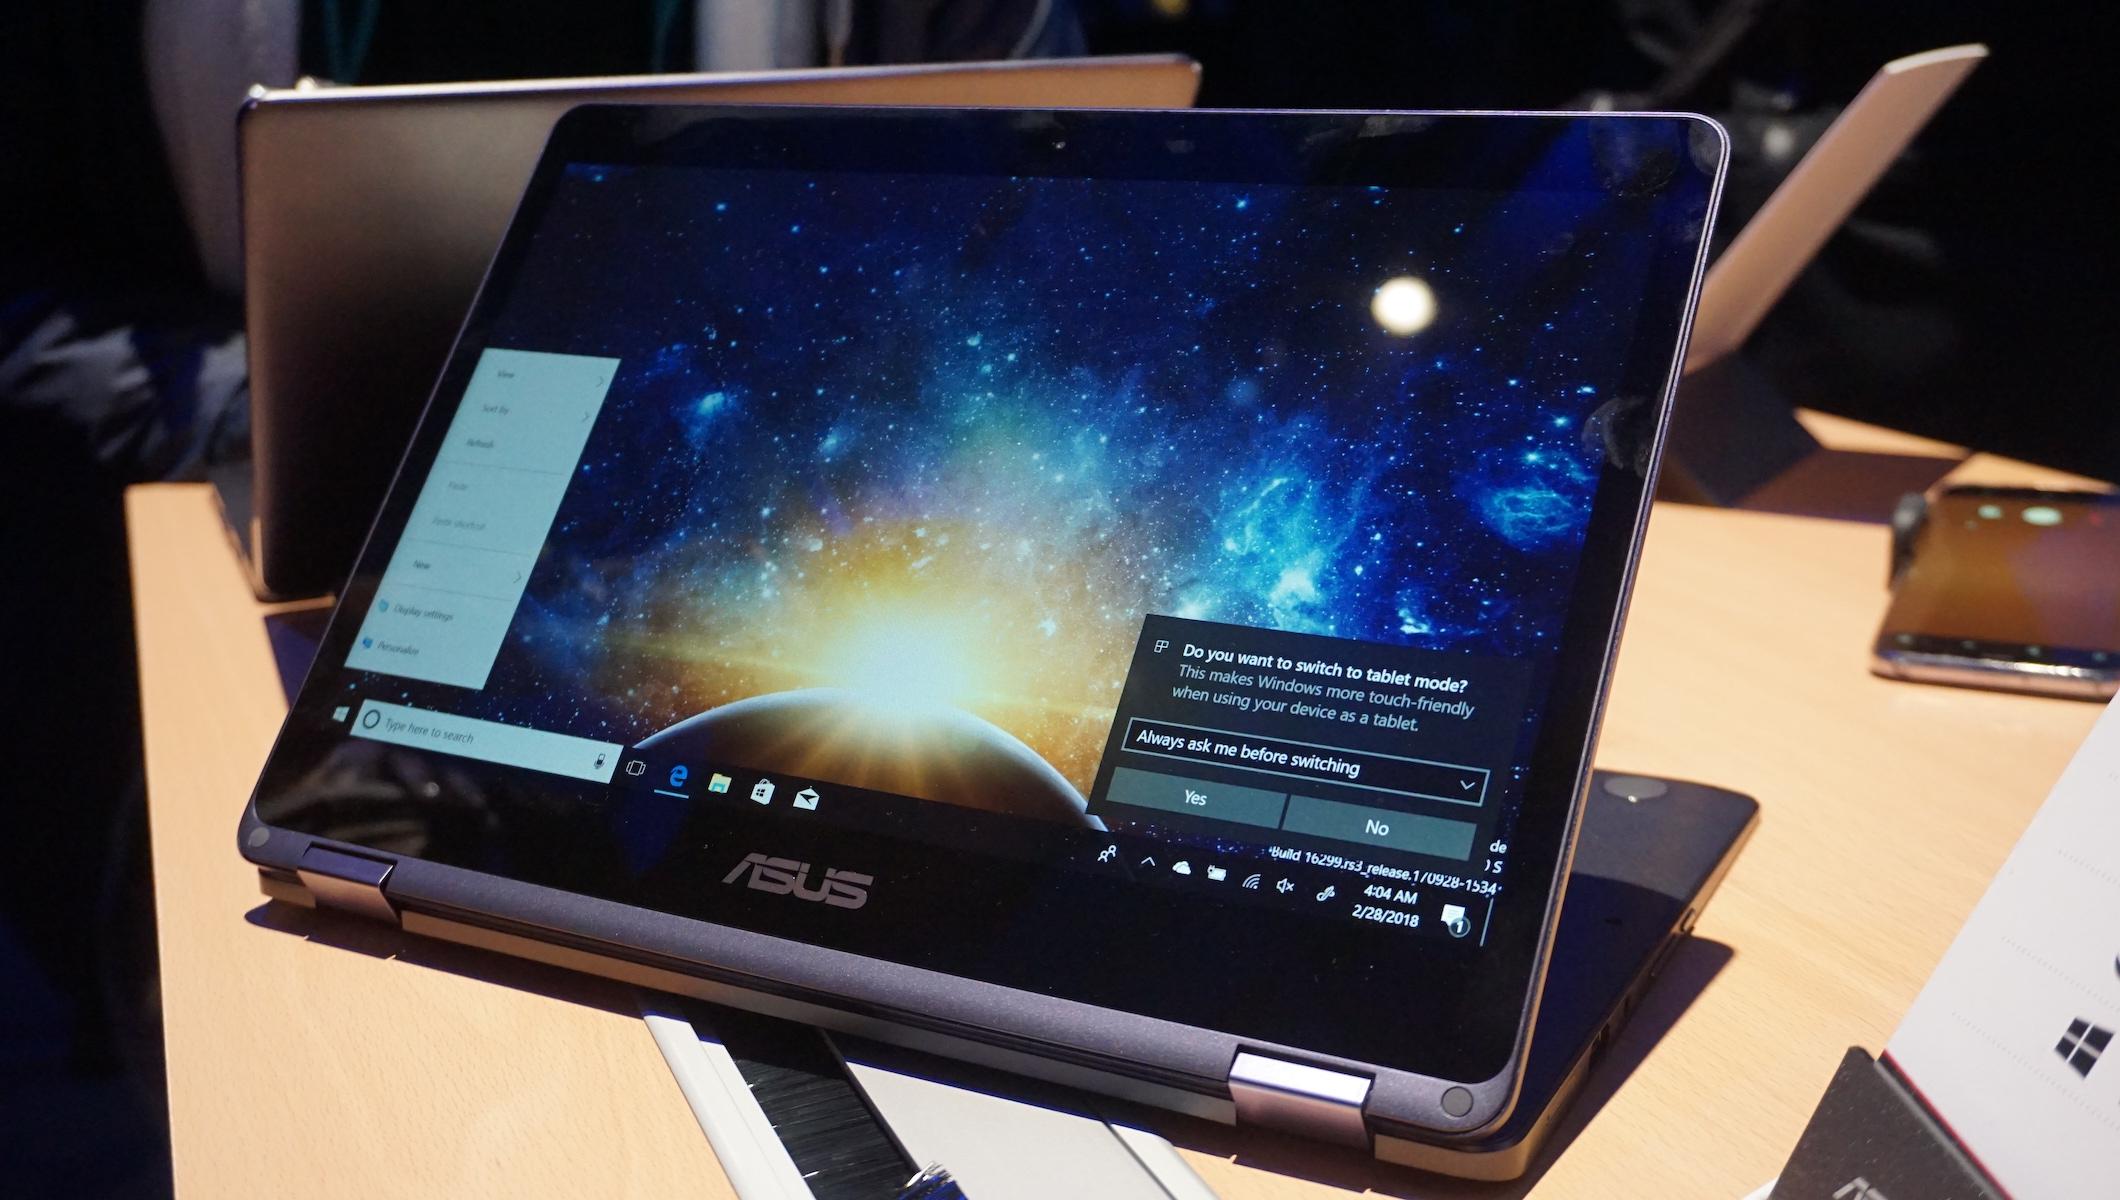 Asus Nova Go è ufficiale: specifiche, disponibilità e prezzi del notebook con connettività Gigabit LTE thumbnail